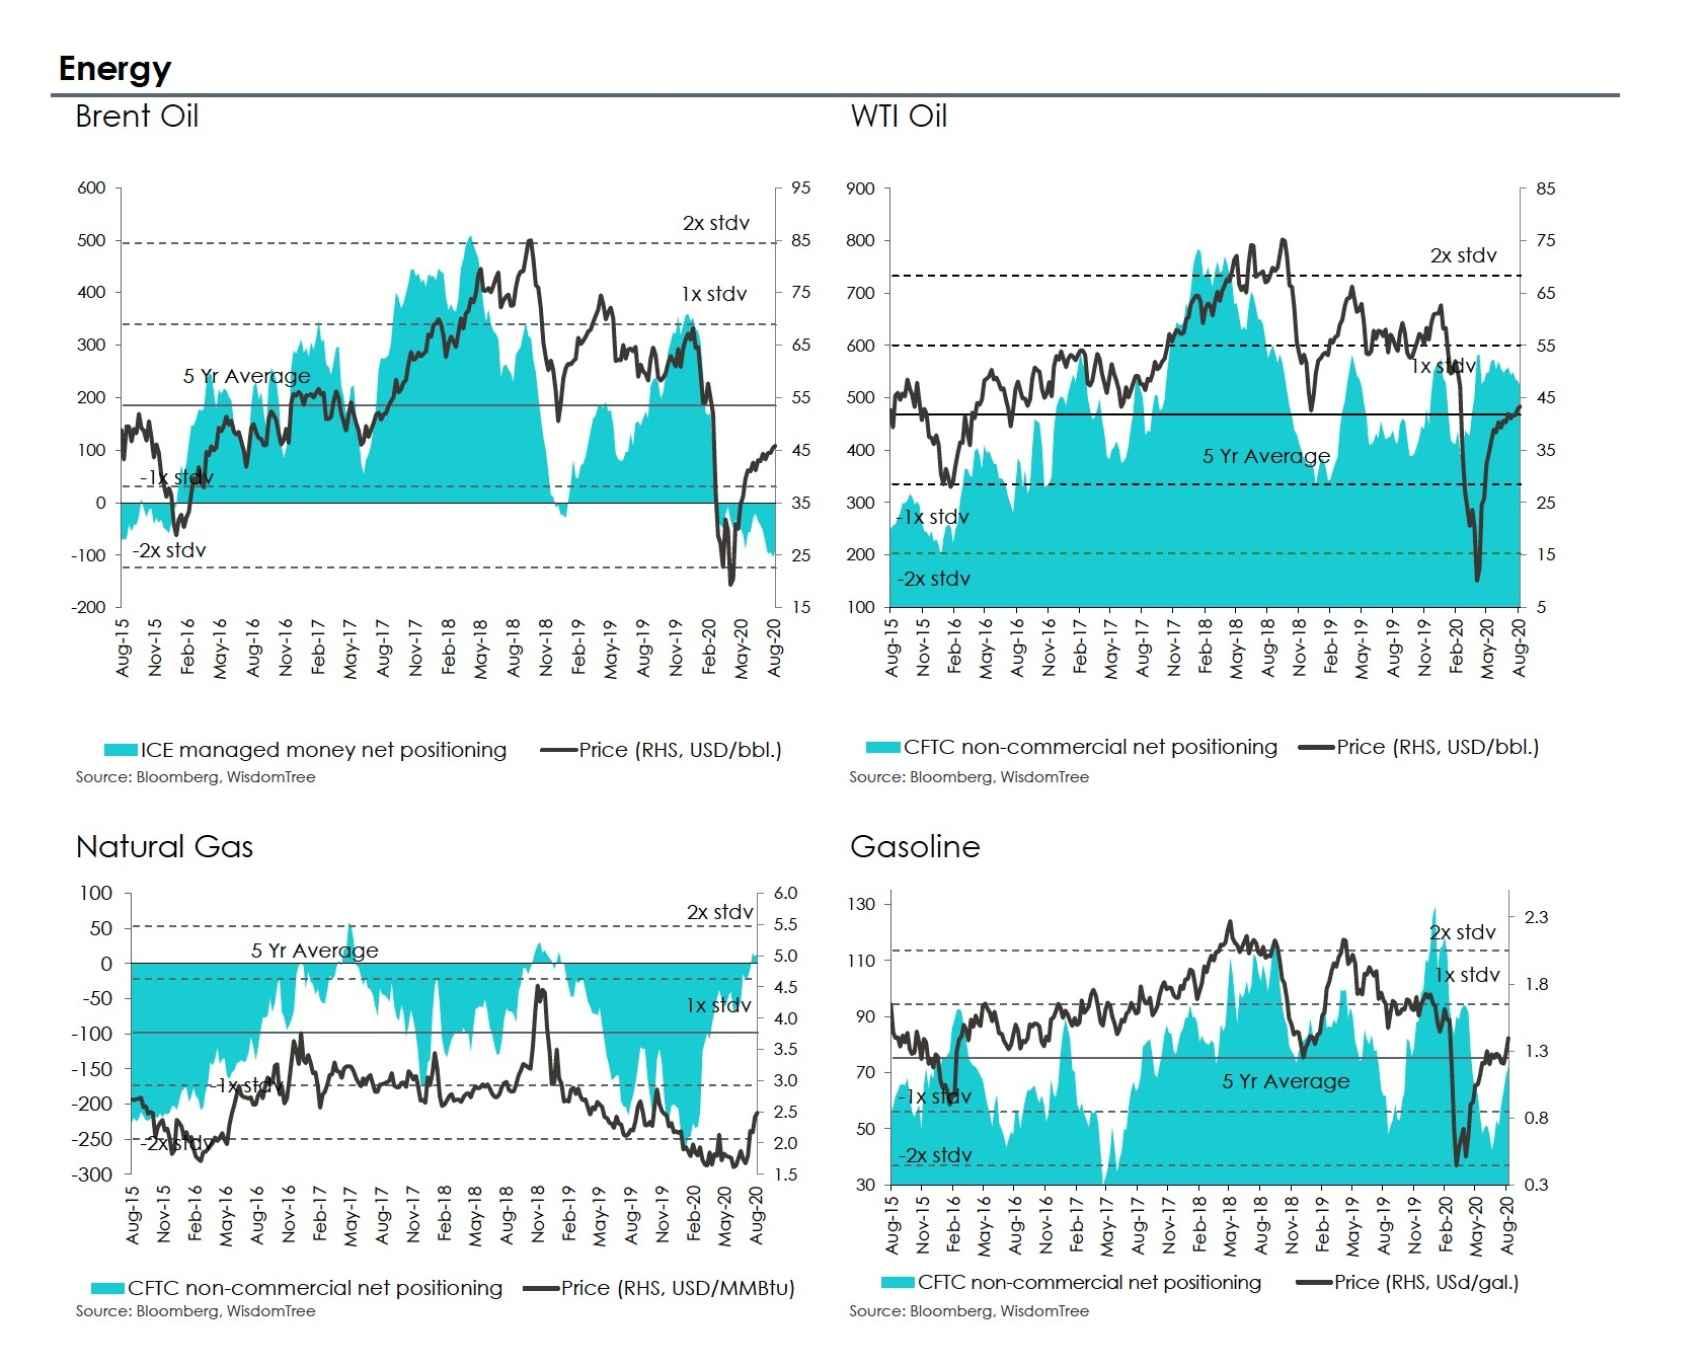 Evolución de los precios de las materias primas energéticas